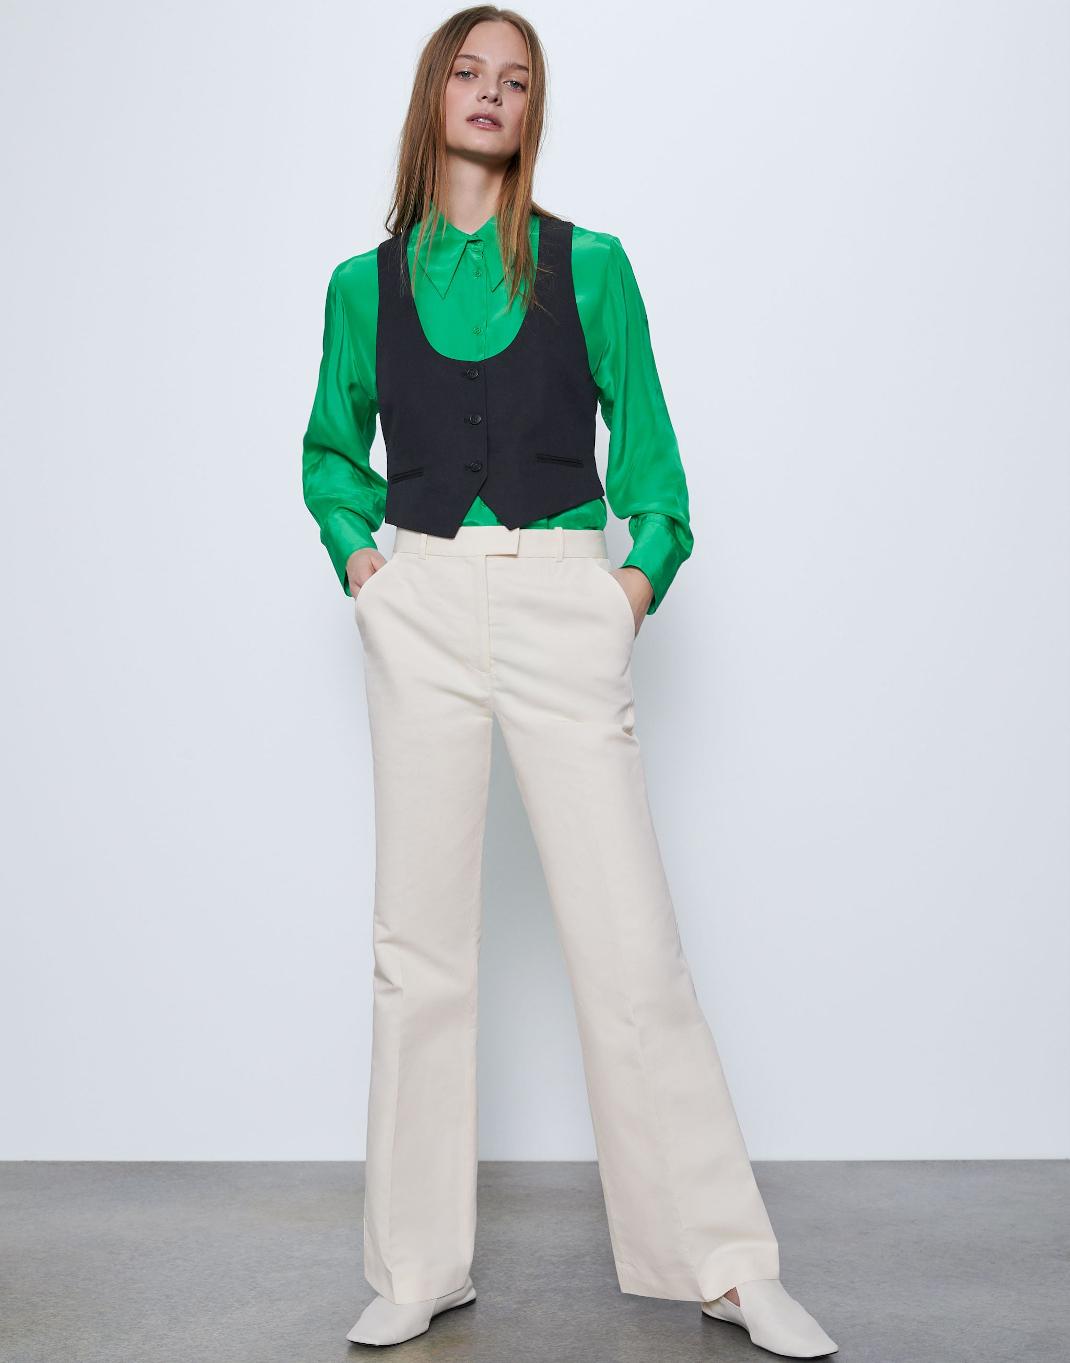 μοντέλο με πουκάμισο και κοστούμι Zara